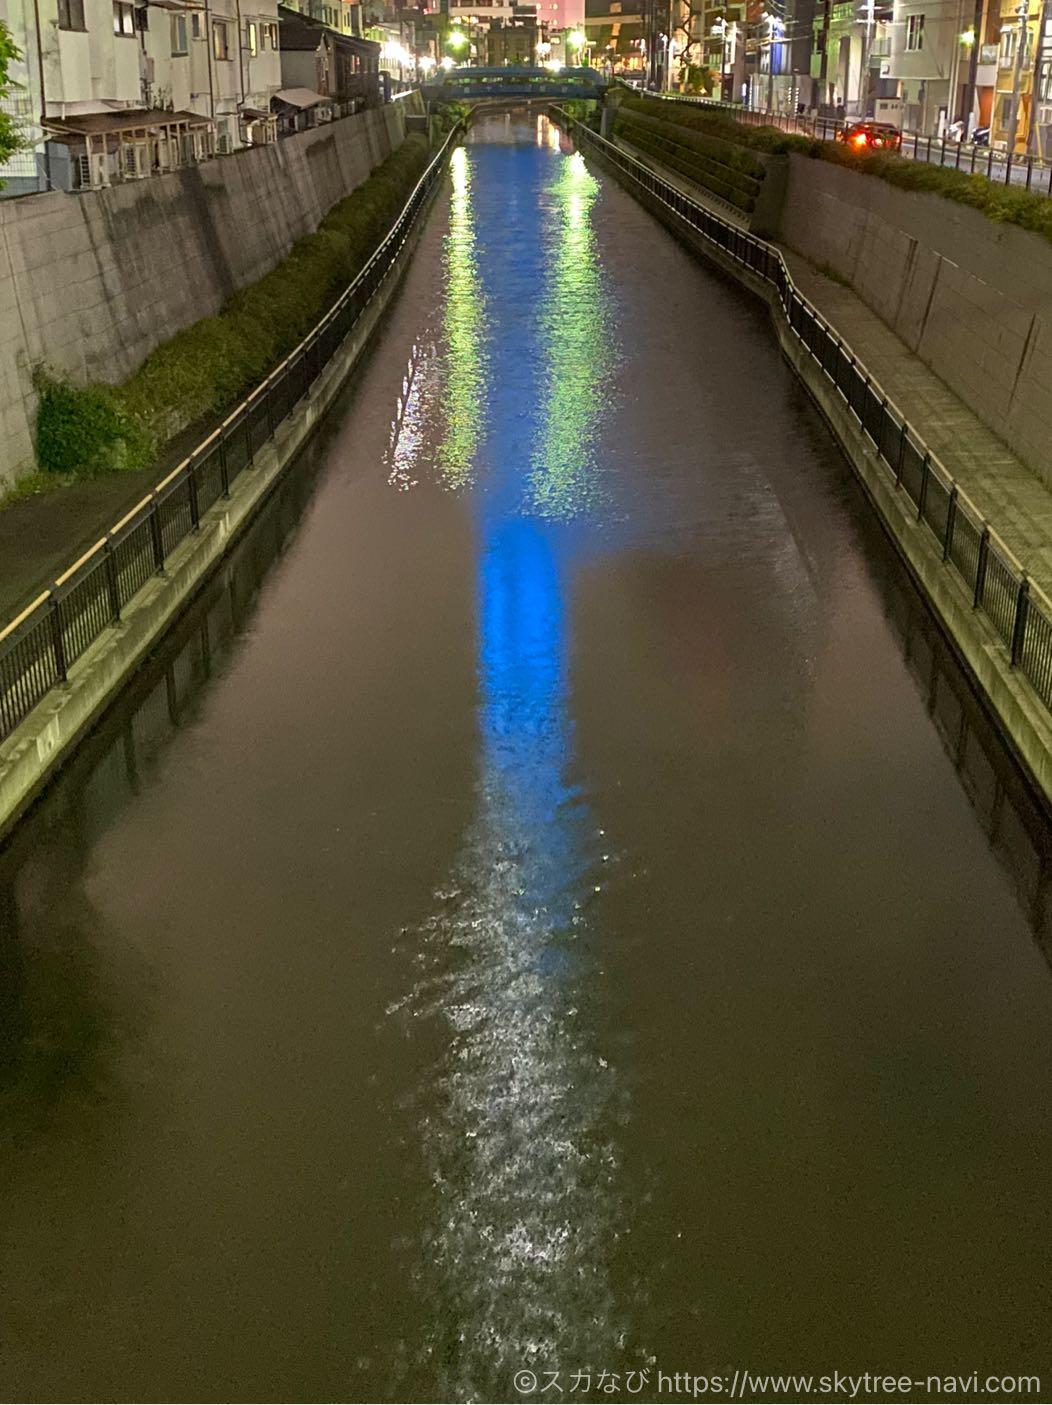 スカイツリー 聖火リレー特別ライティング 佐賀県